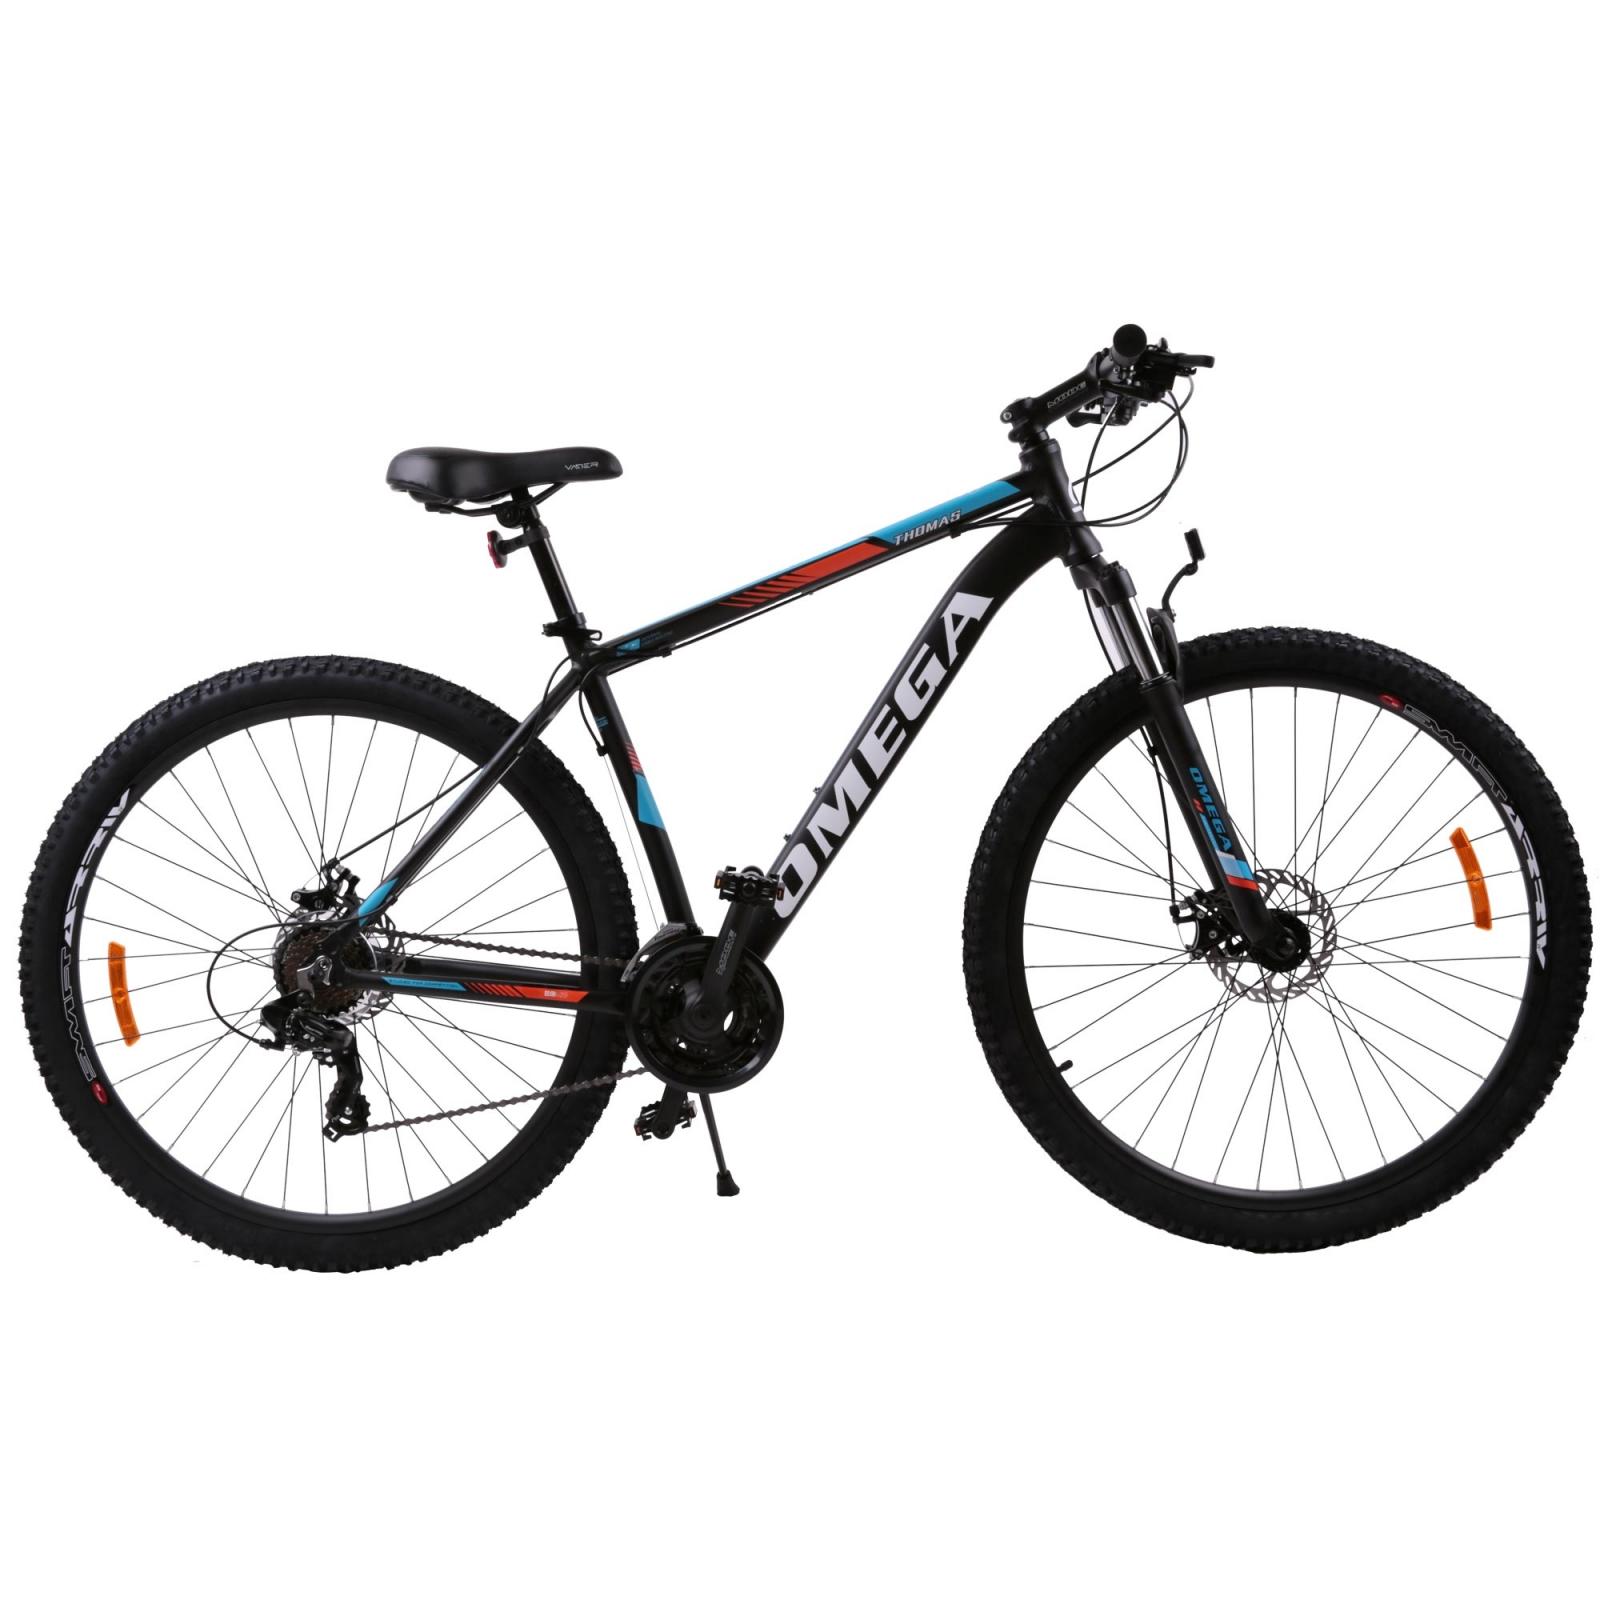 Bicicleta mountainbike Omega Thomas 29 cadru 49cm negru portocaliu alb 2019